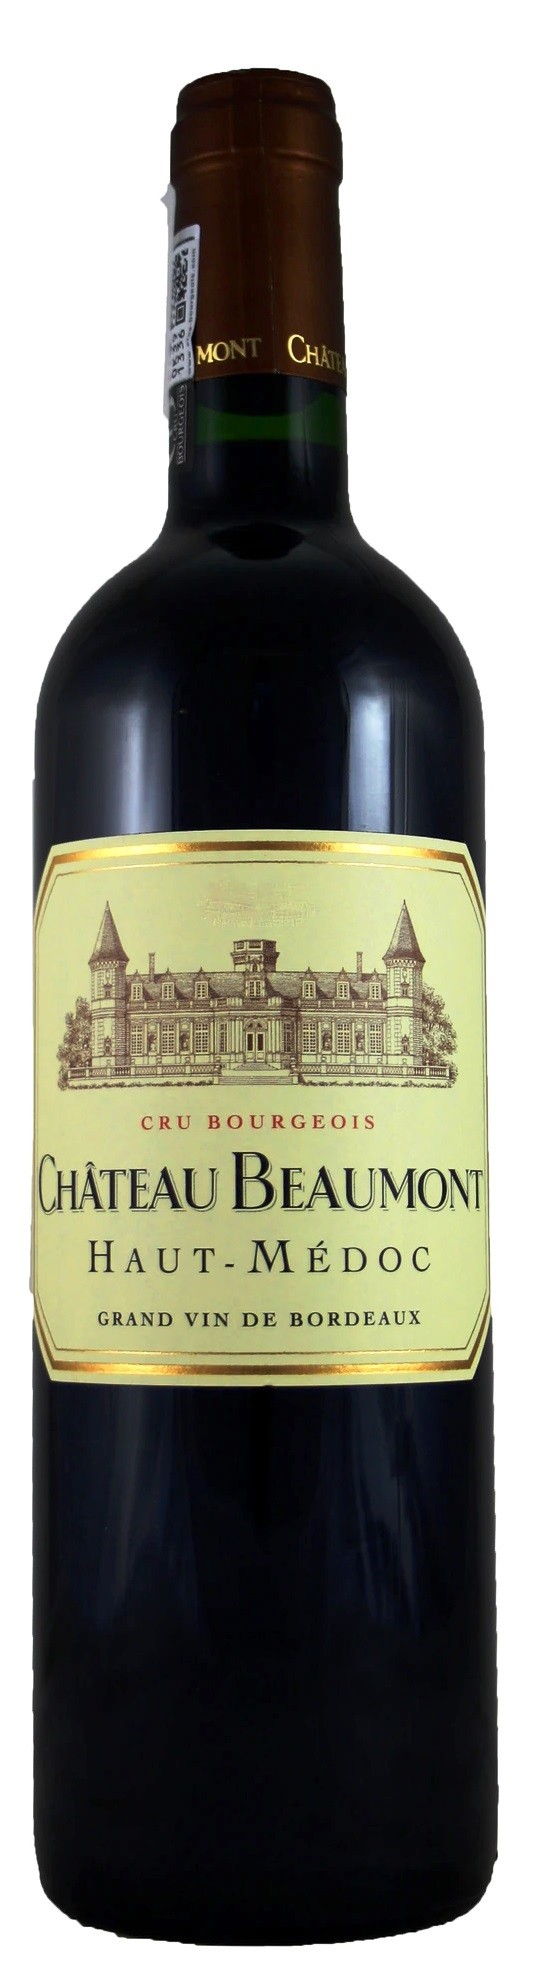 5.5.2021 - Chateau Beaumont 2020, Haut Médoc - KAMPAŇ EN PRIMEUR